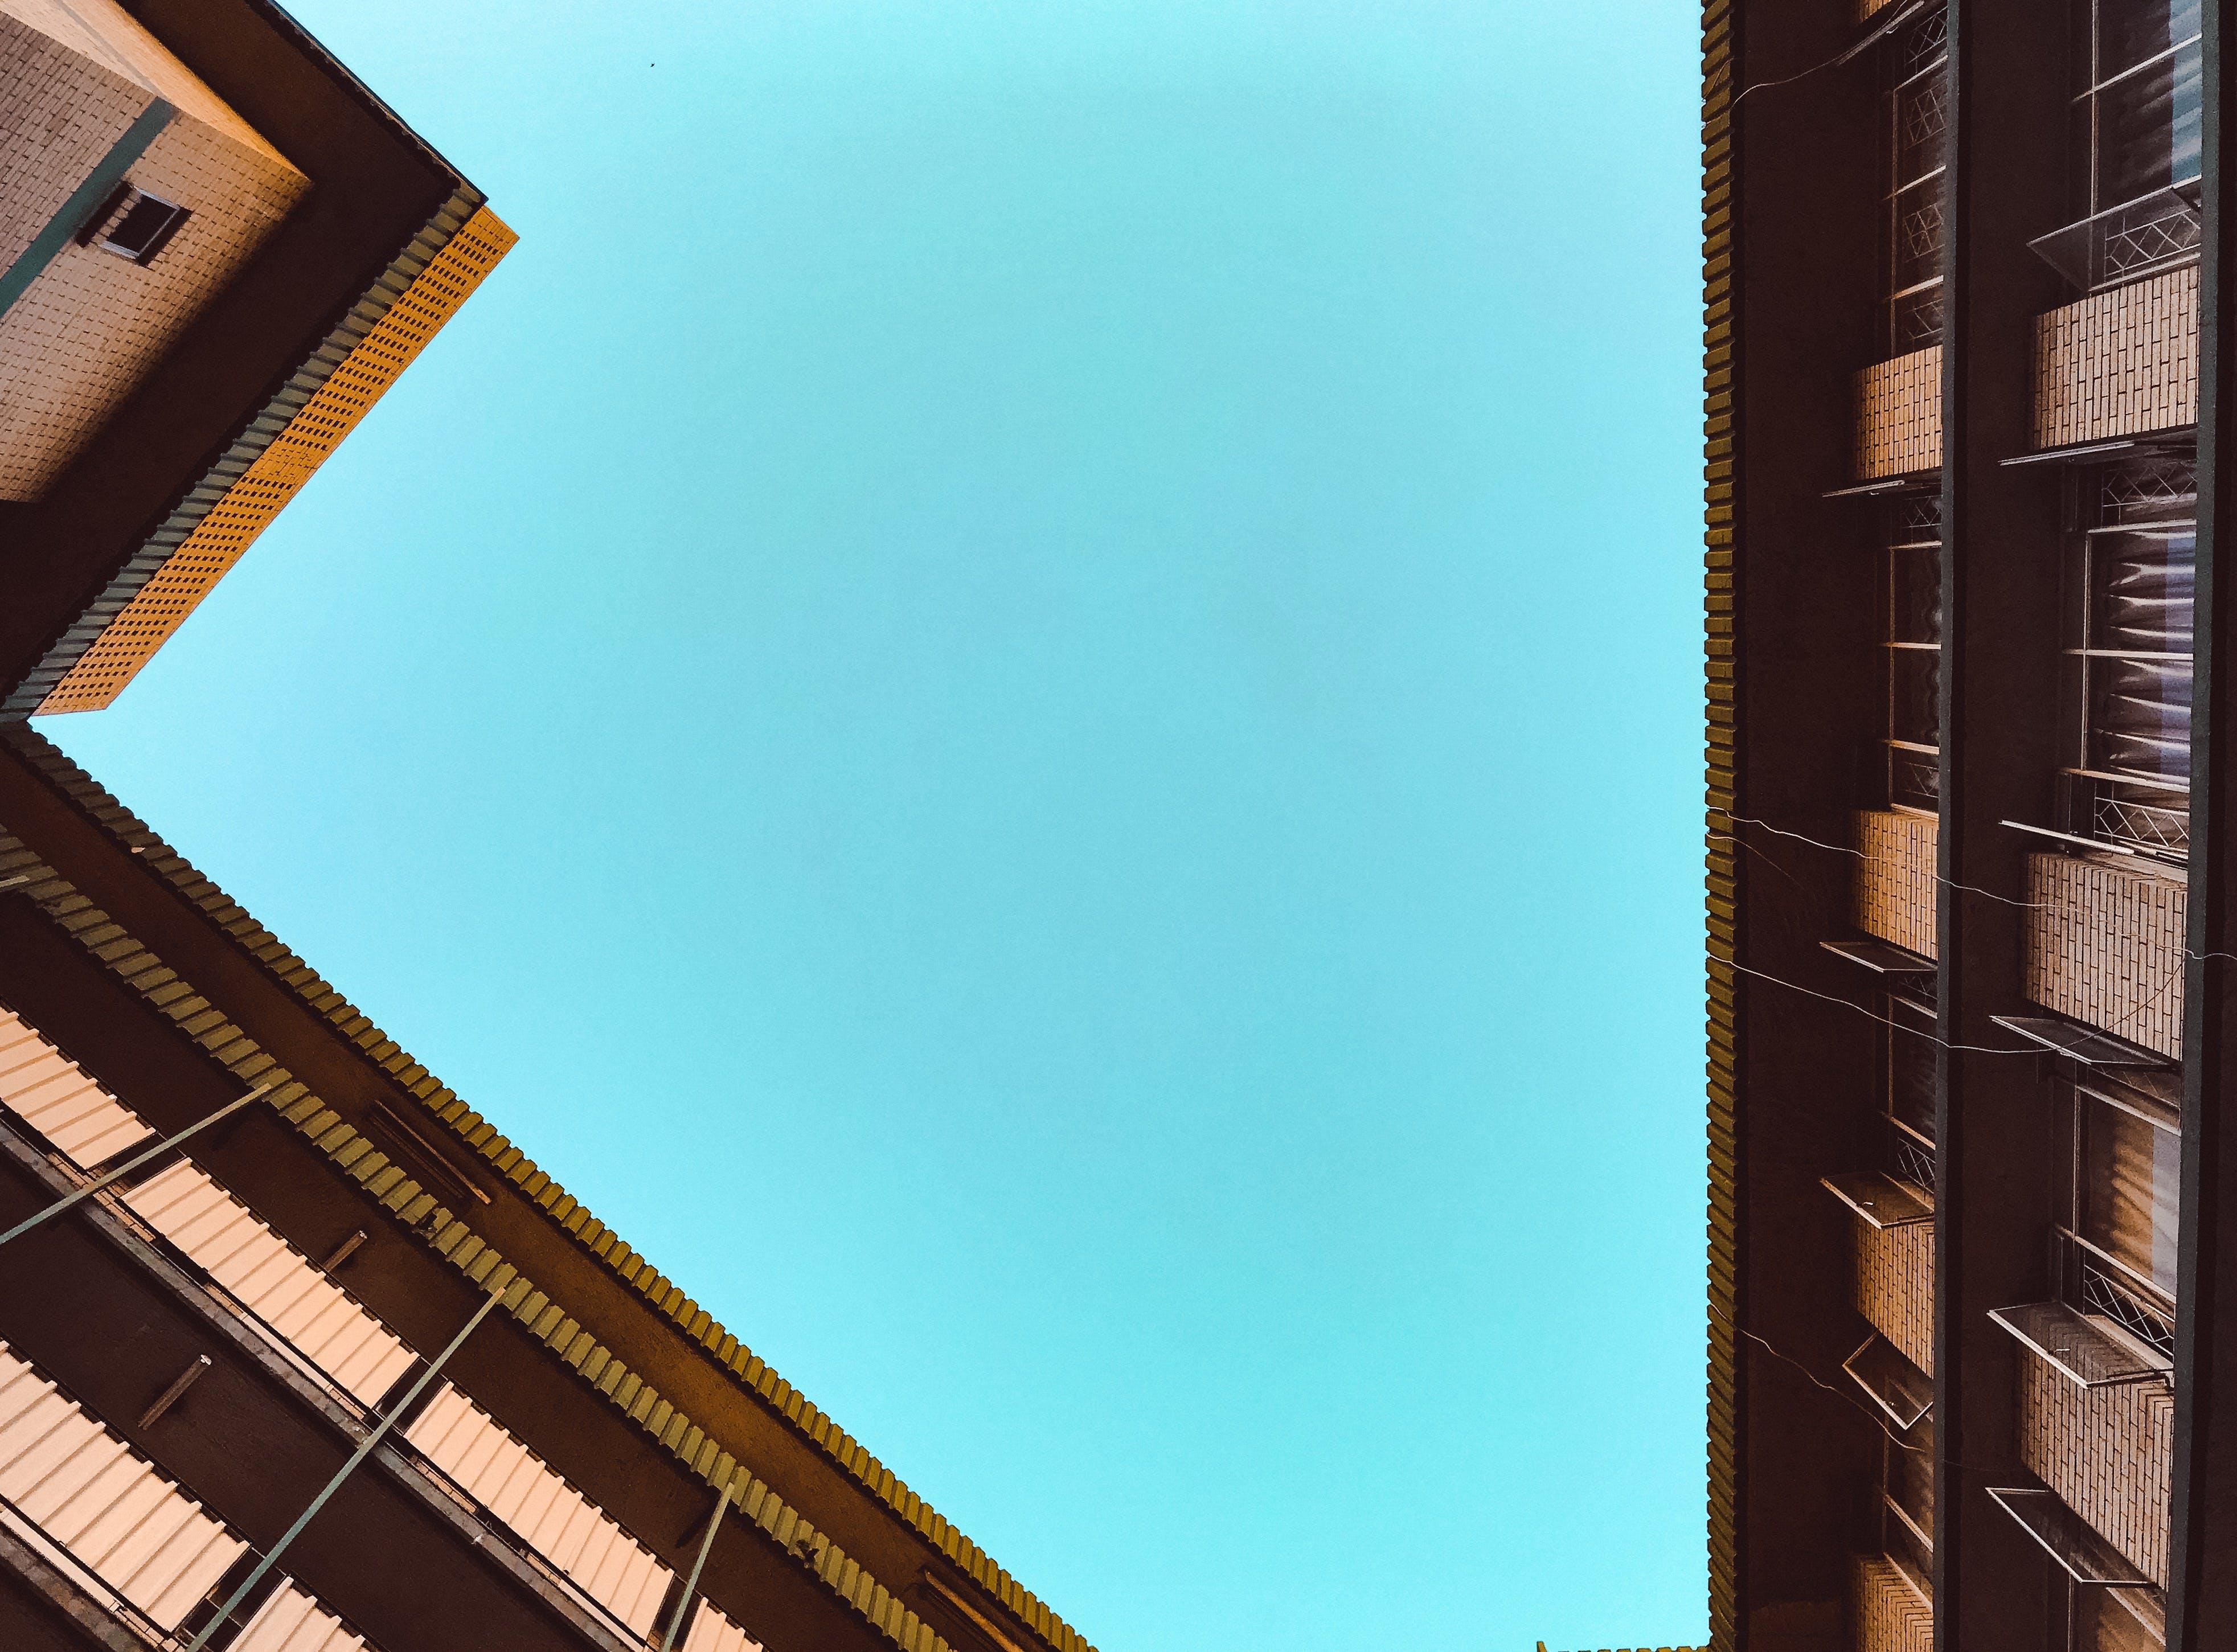 Foto stok gratis Apartemen, Arsitektur, bidikan sudut sempit, di luar rumah